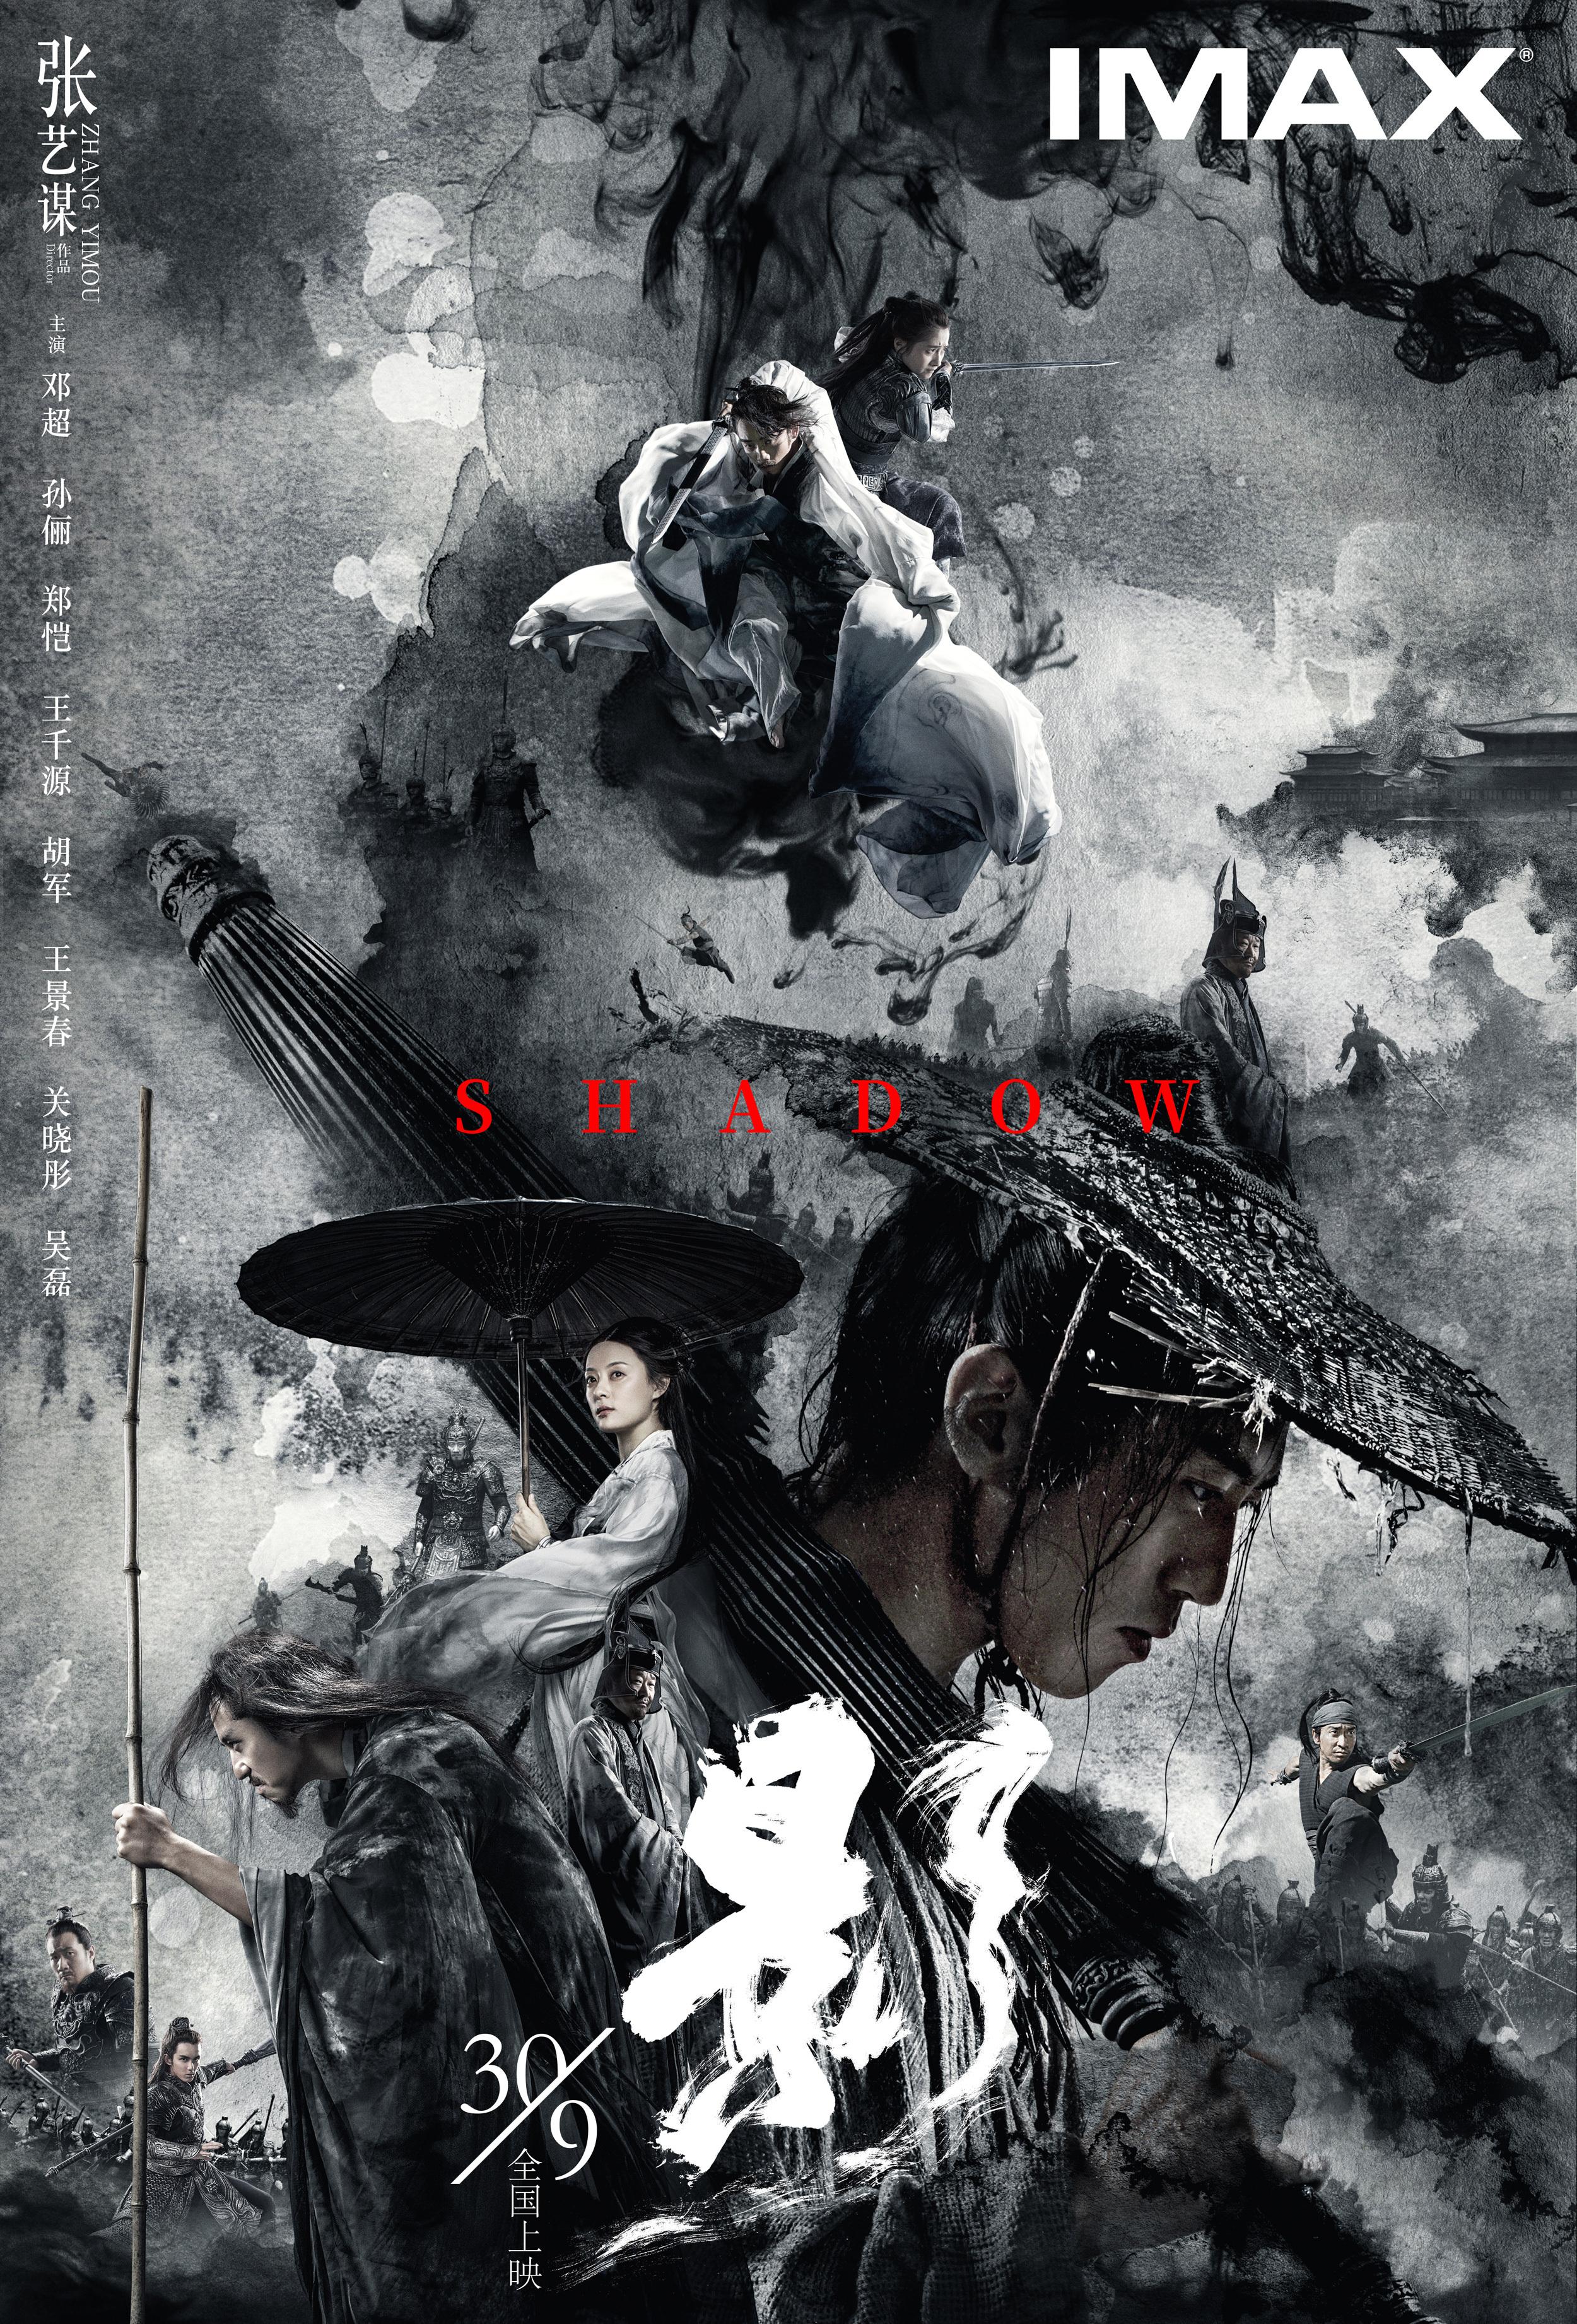 张艺谋《影》发布IMAX专属海报 极致东方美学9月30